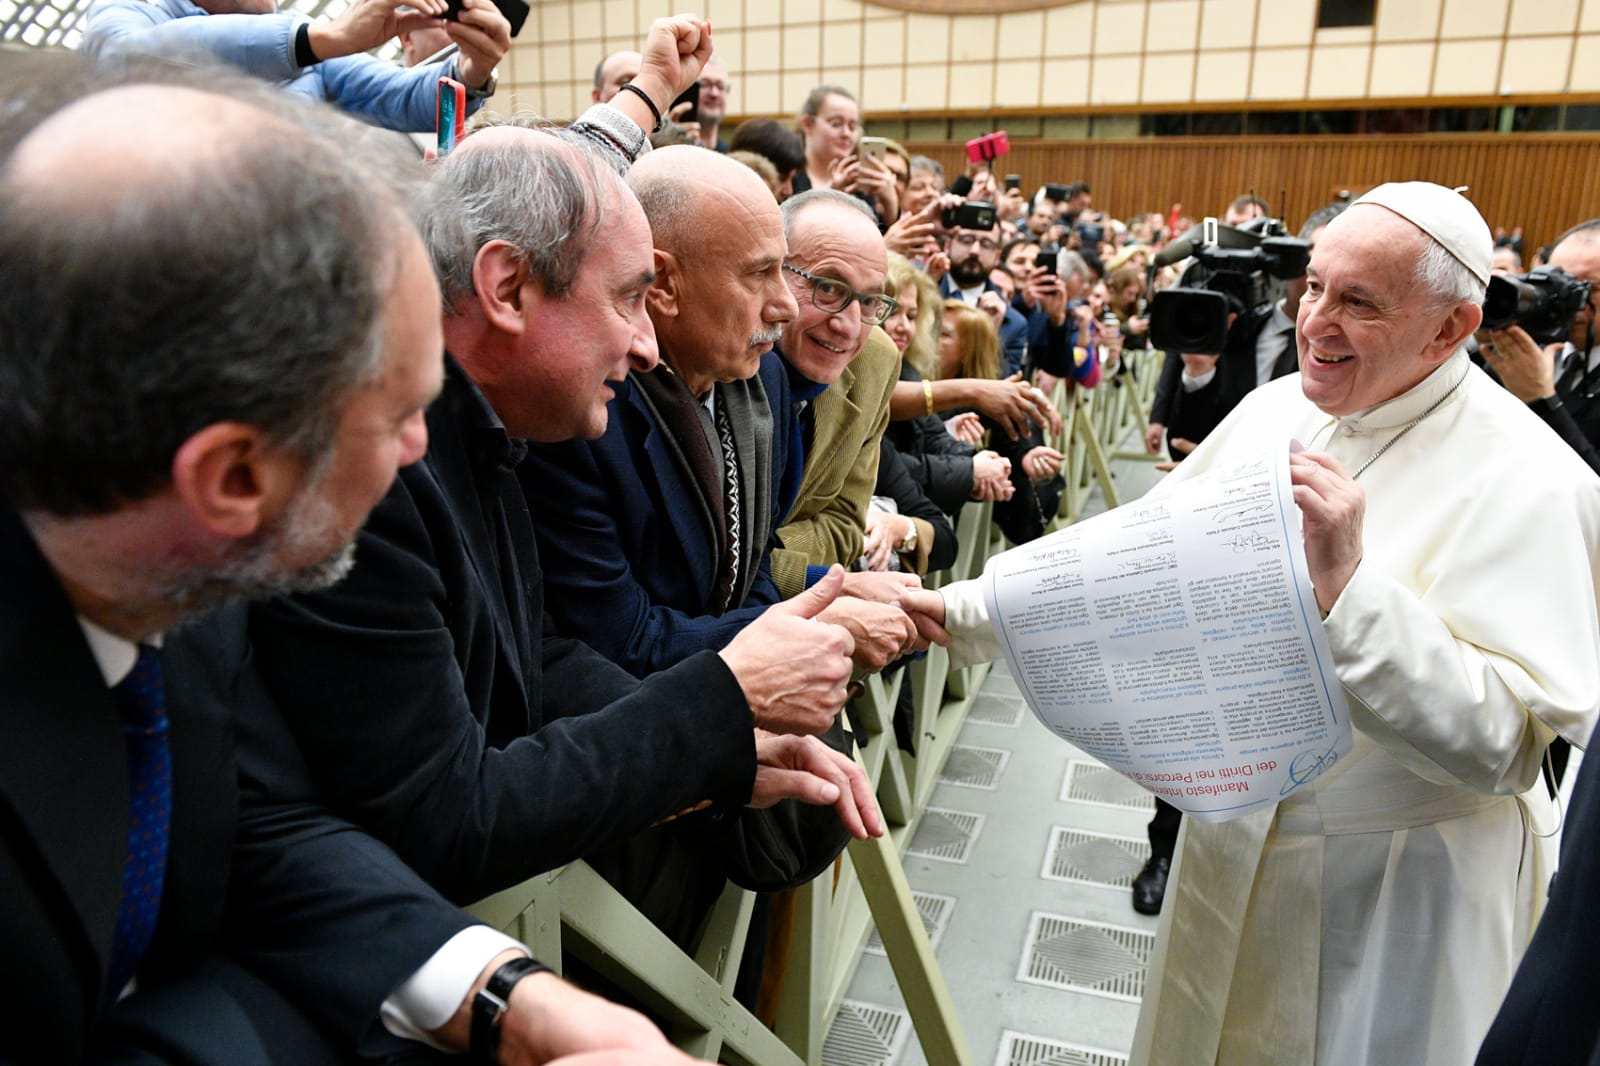 Manifesto Interreligioso dei Diritti nei Percorsi di Fine Vita. Un omaggio a Papa Francesco.